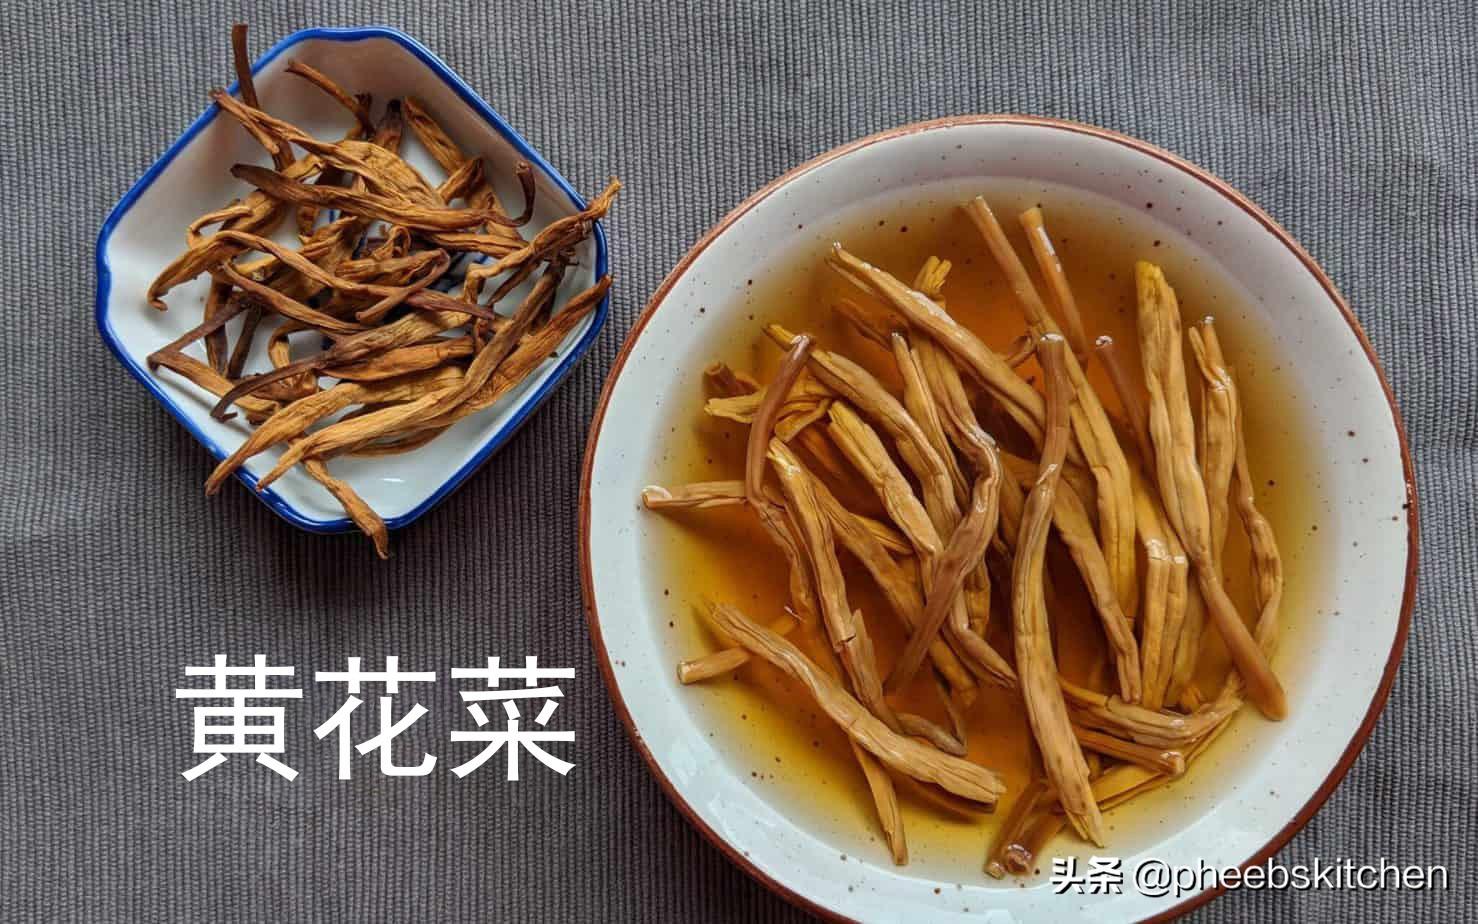 山东传统菜木须肉,营养丰富,很适合老人和孩子,家常做法 美食做法 第5张